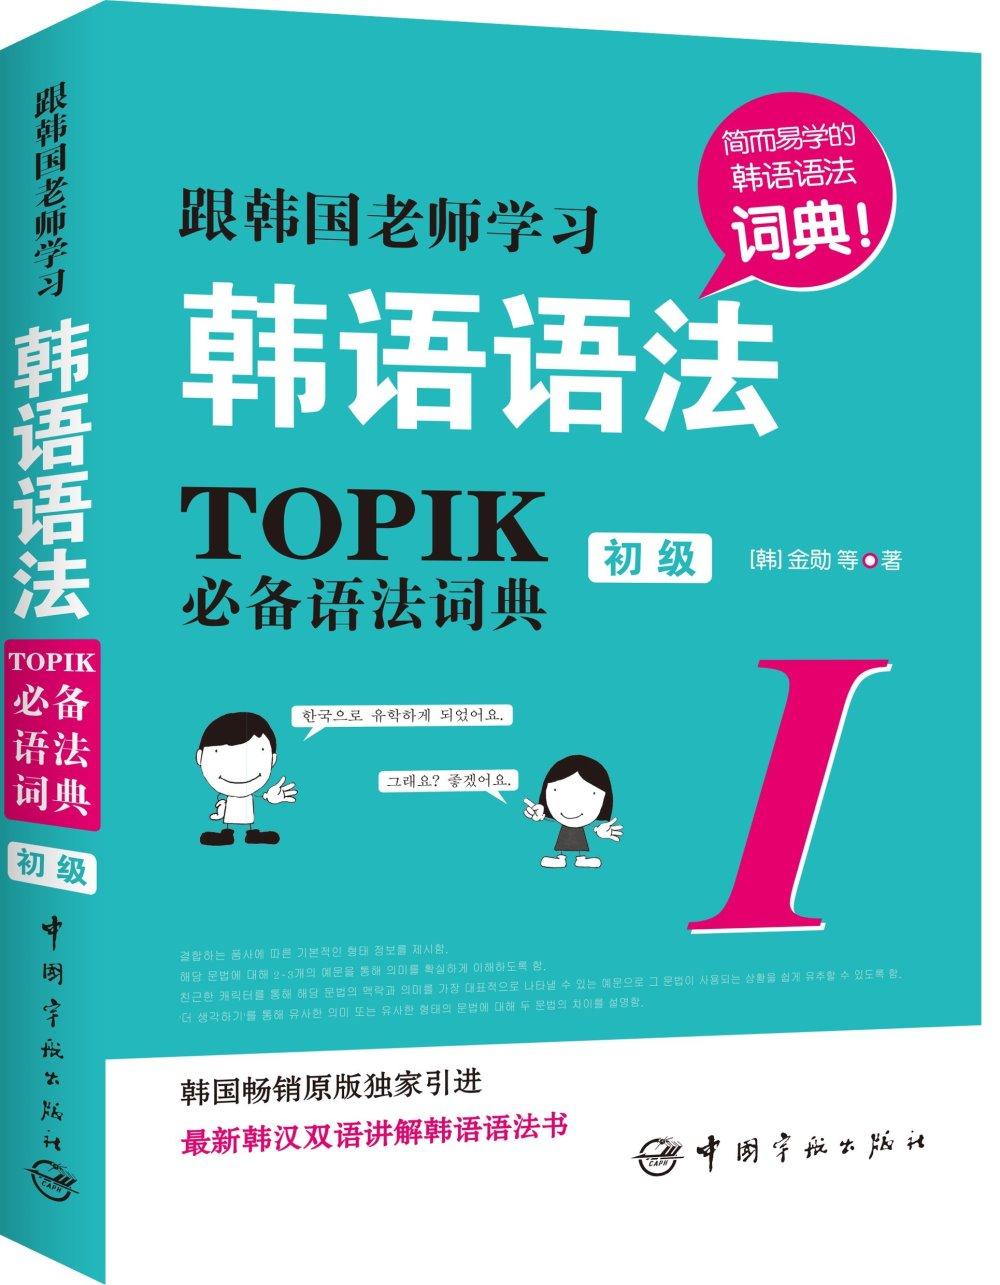 跟韓國老師學習韓語語法:TOPIK 語法詞典1 初級